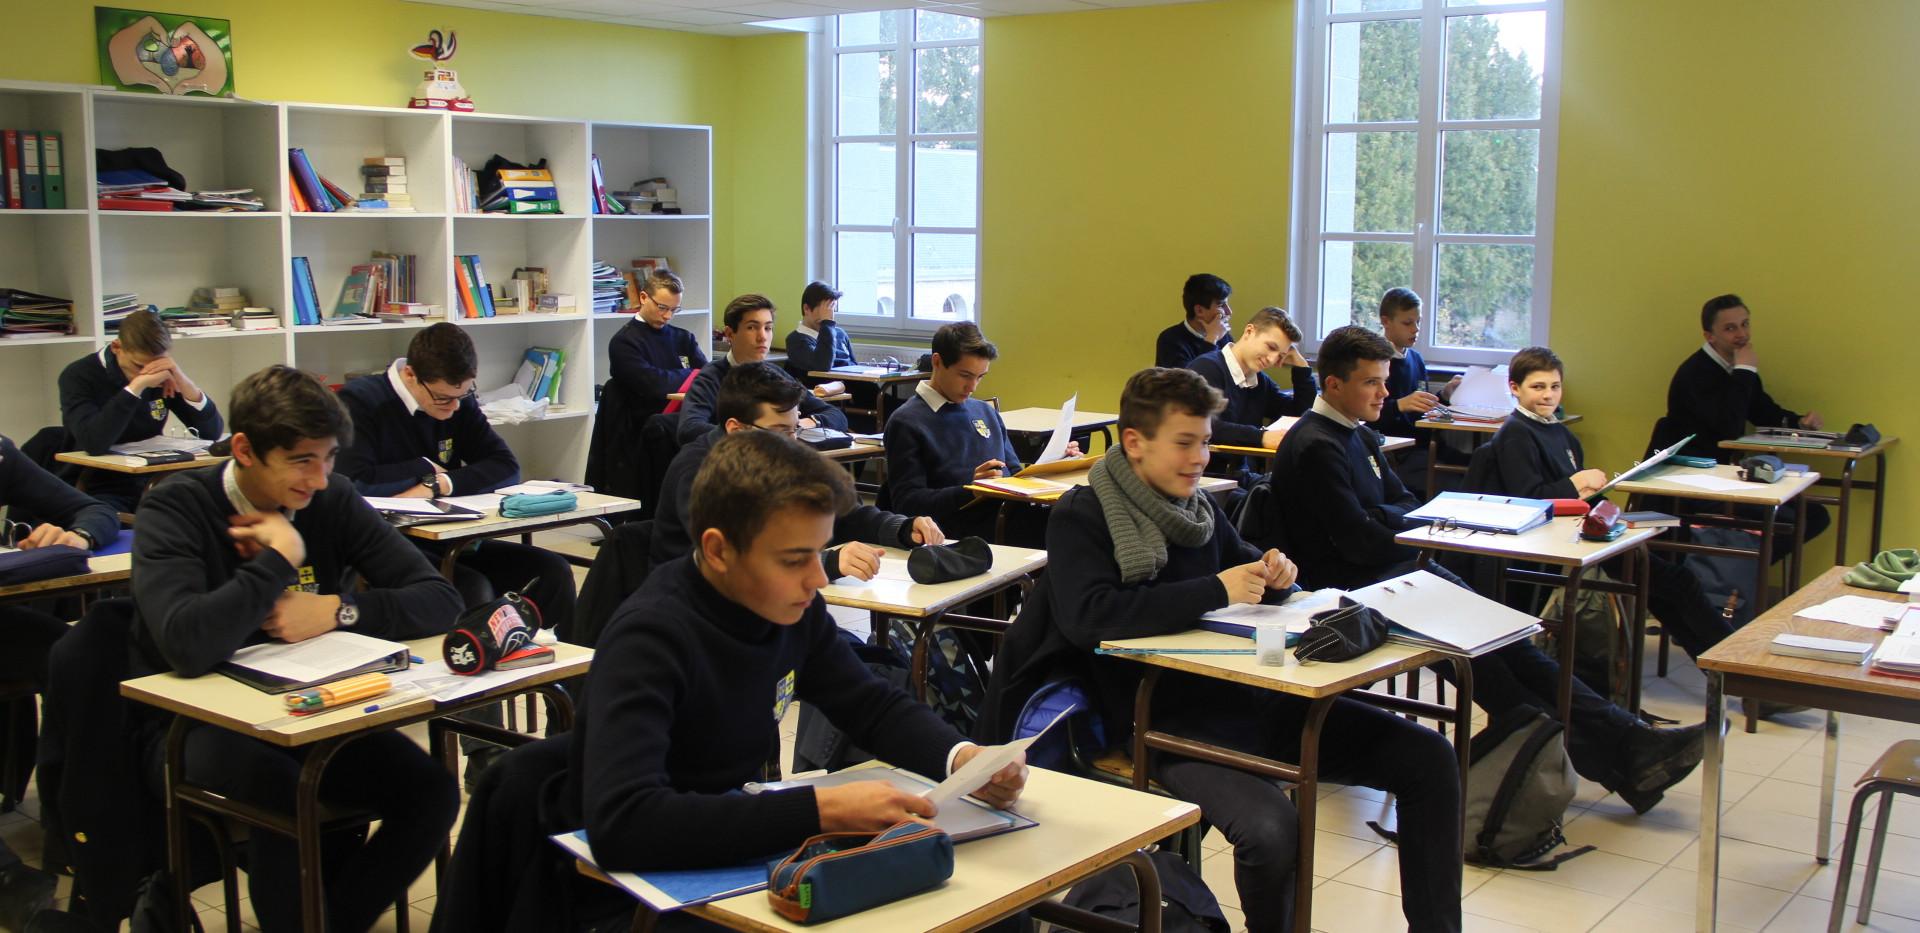 Les études - Institut Croix des vents - internat cath